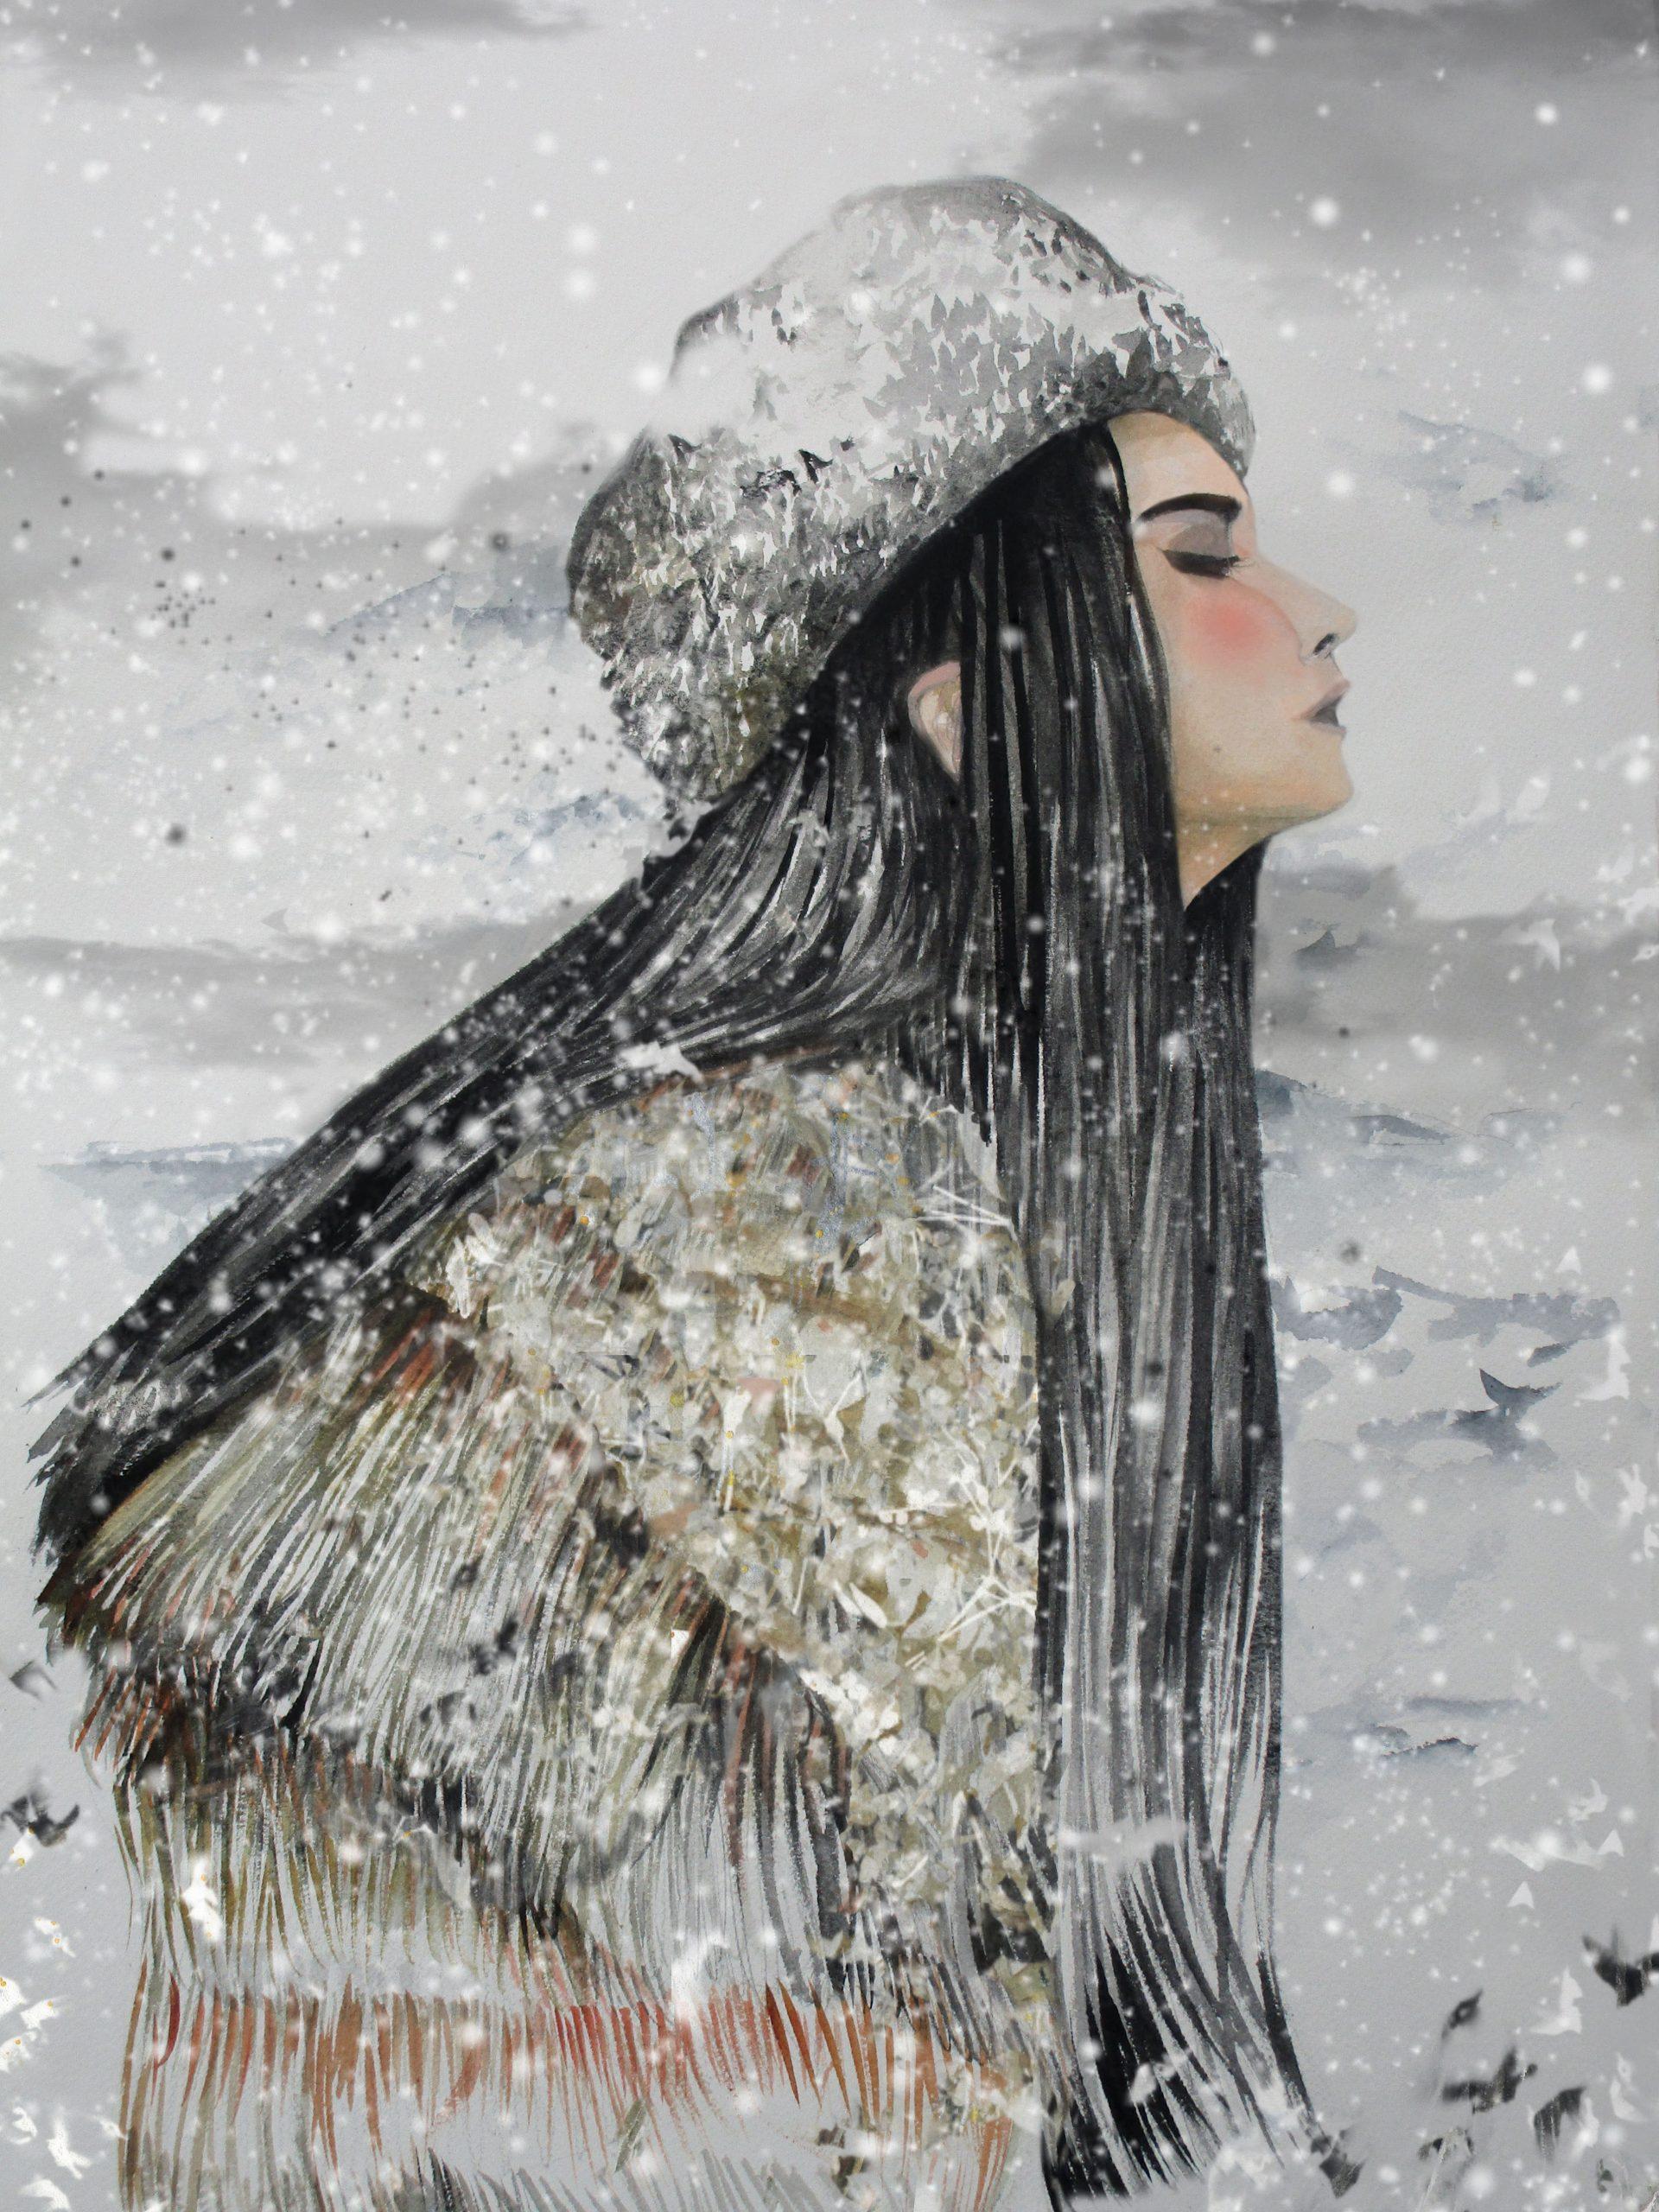 AlasKa. La terra és gran. Roques gegants caigudes del cel. El caos sobre l'aigua. Ja no hi ha pau. Homes i dones descontrolats. Bruts, indefensos, malgirbats. Bufa el vent que talla. I del nord arriba ella. La mare. Neva i els blancs ho enterren tot. Serenor eterna. La humanitat ja pot dormir com un infant.